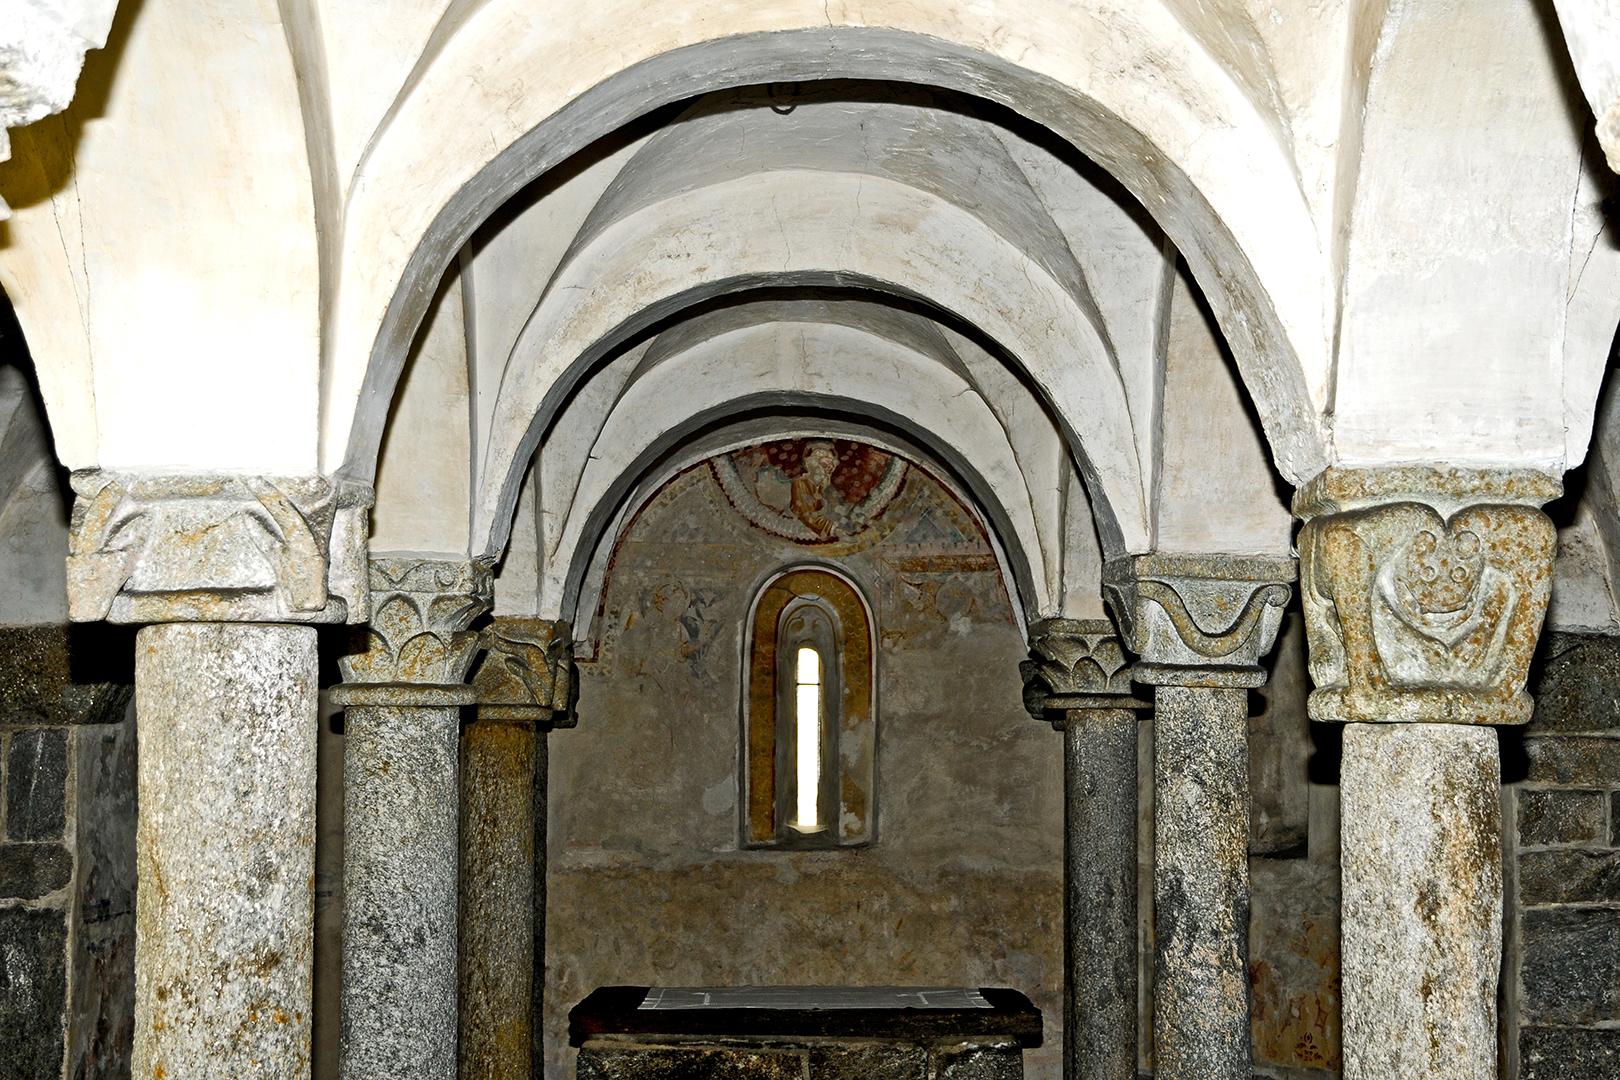 Giornico, San Nicolao, Krypta, Kapitelle, entstanden um 1100. Kapitelle mit Tierfiguren wechseln unregelmässig mit pflanzlichen und geometrisierenden Motiven.